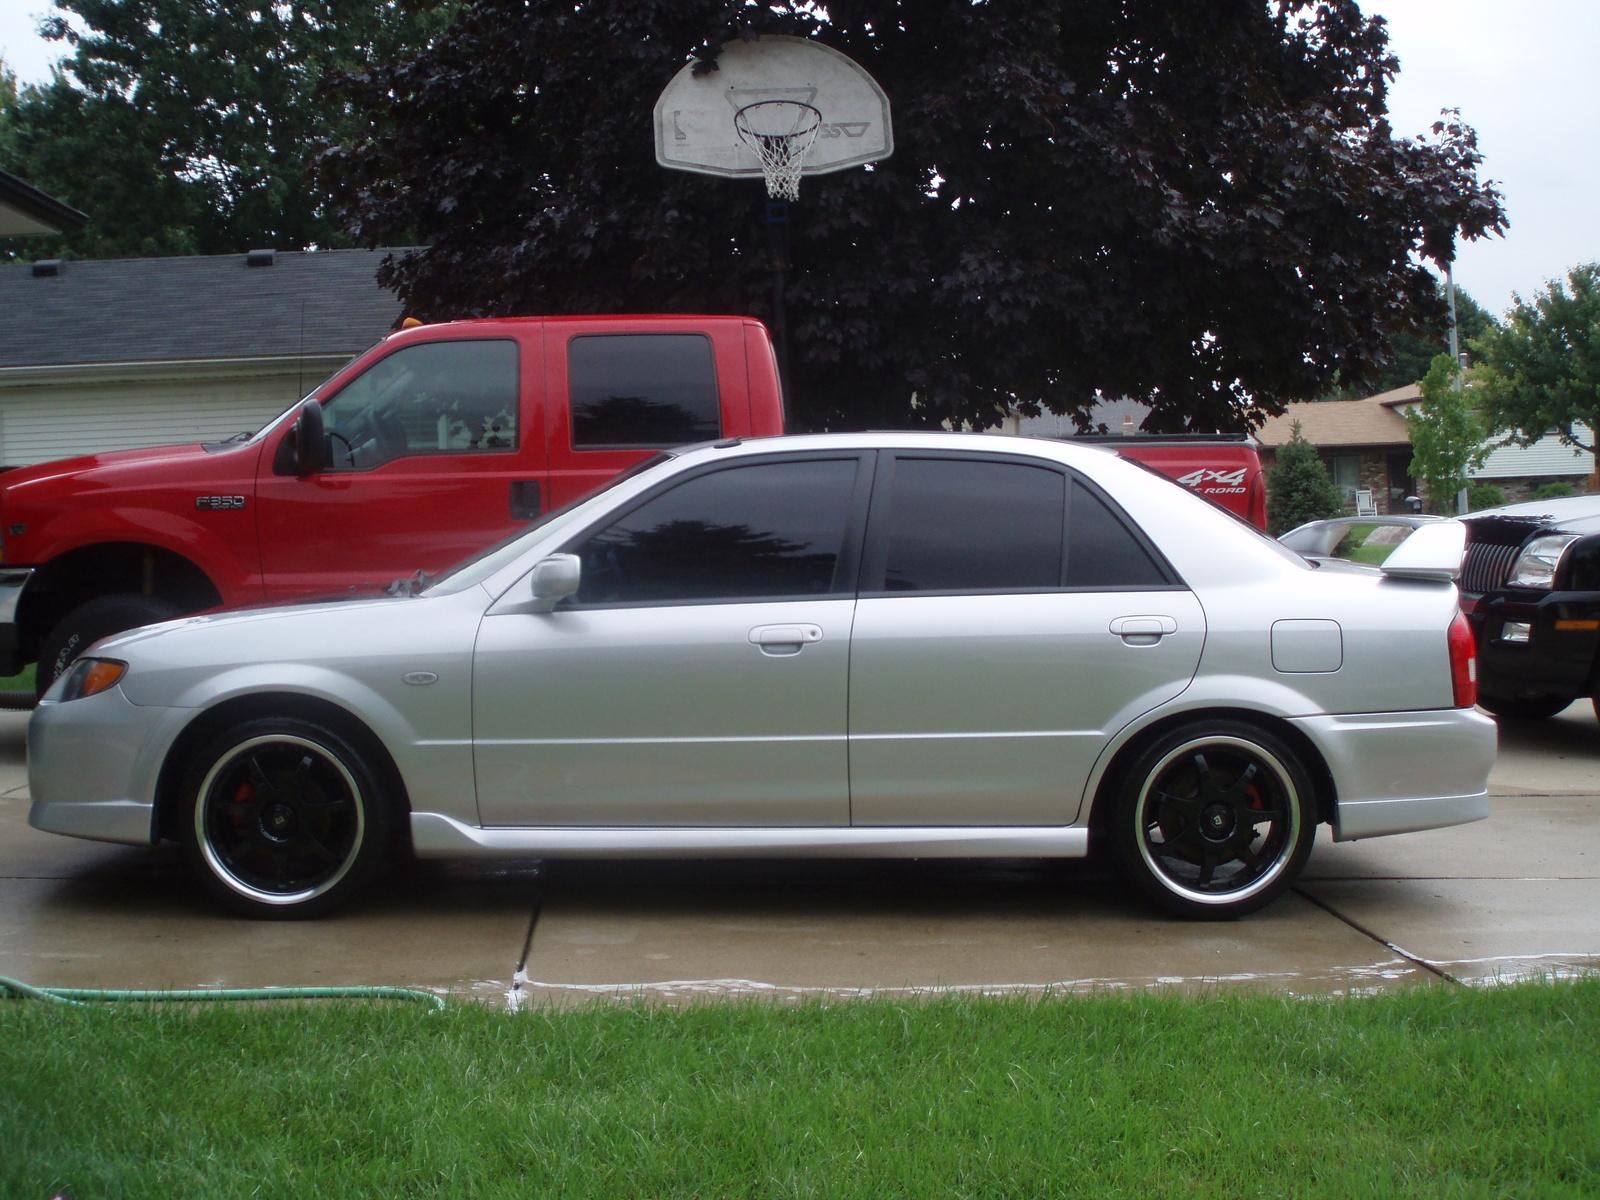 2003 Mazda Protege Pictures Cargurus